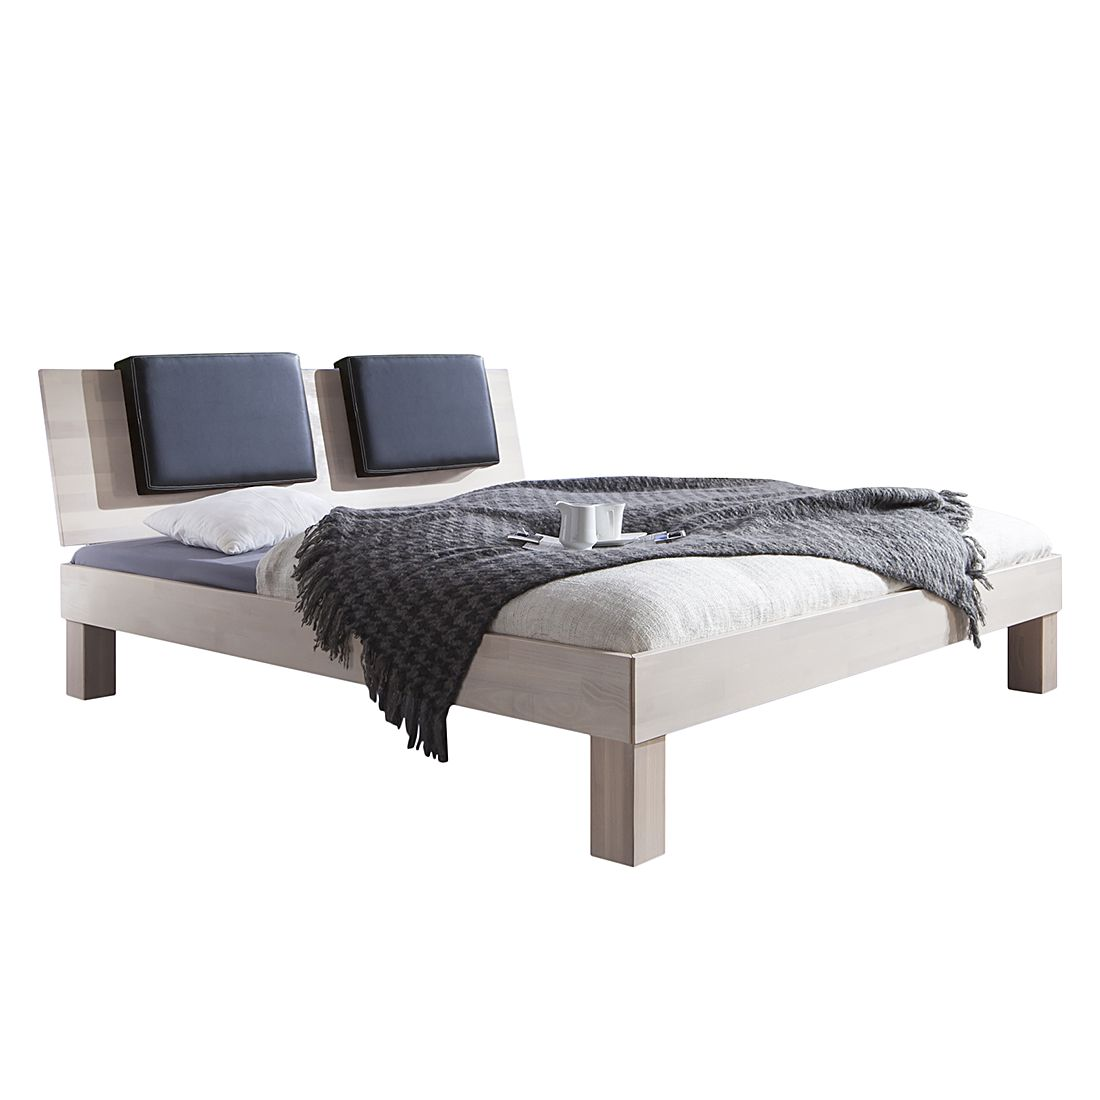 Massivholzbett Max (optional Bettkästen) - 90 x 200cm - Kein Bettkasten - Buche Weiß gewischt, Relita